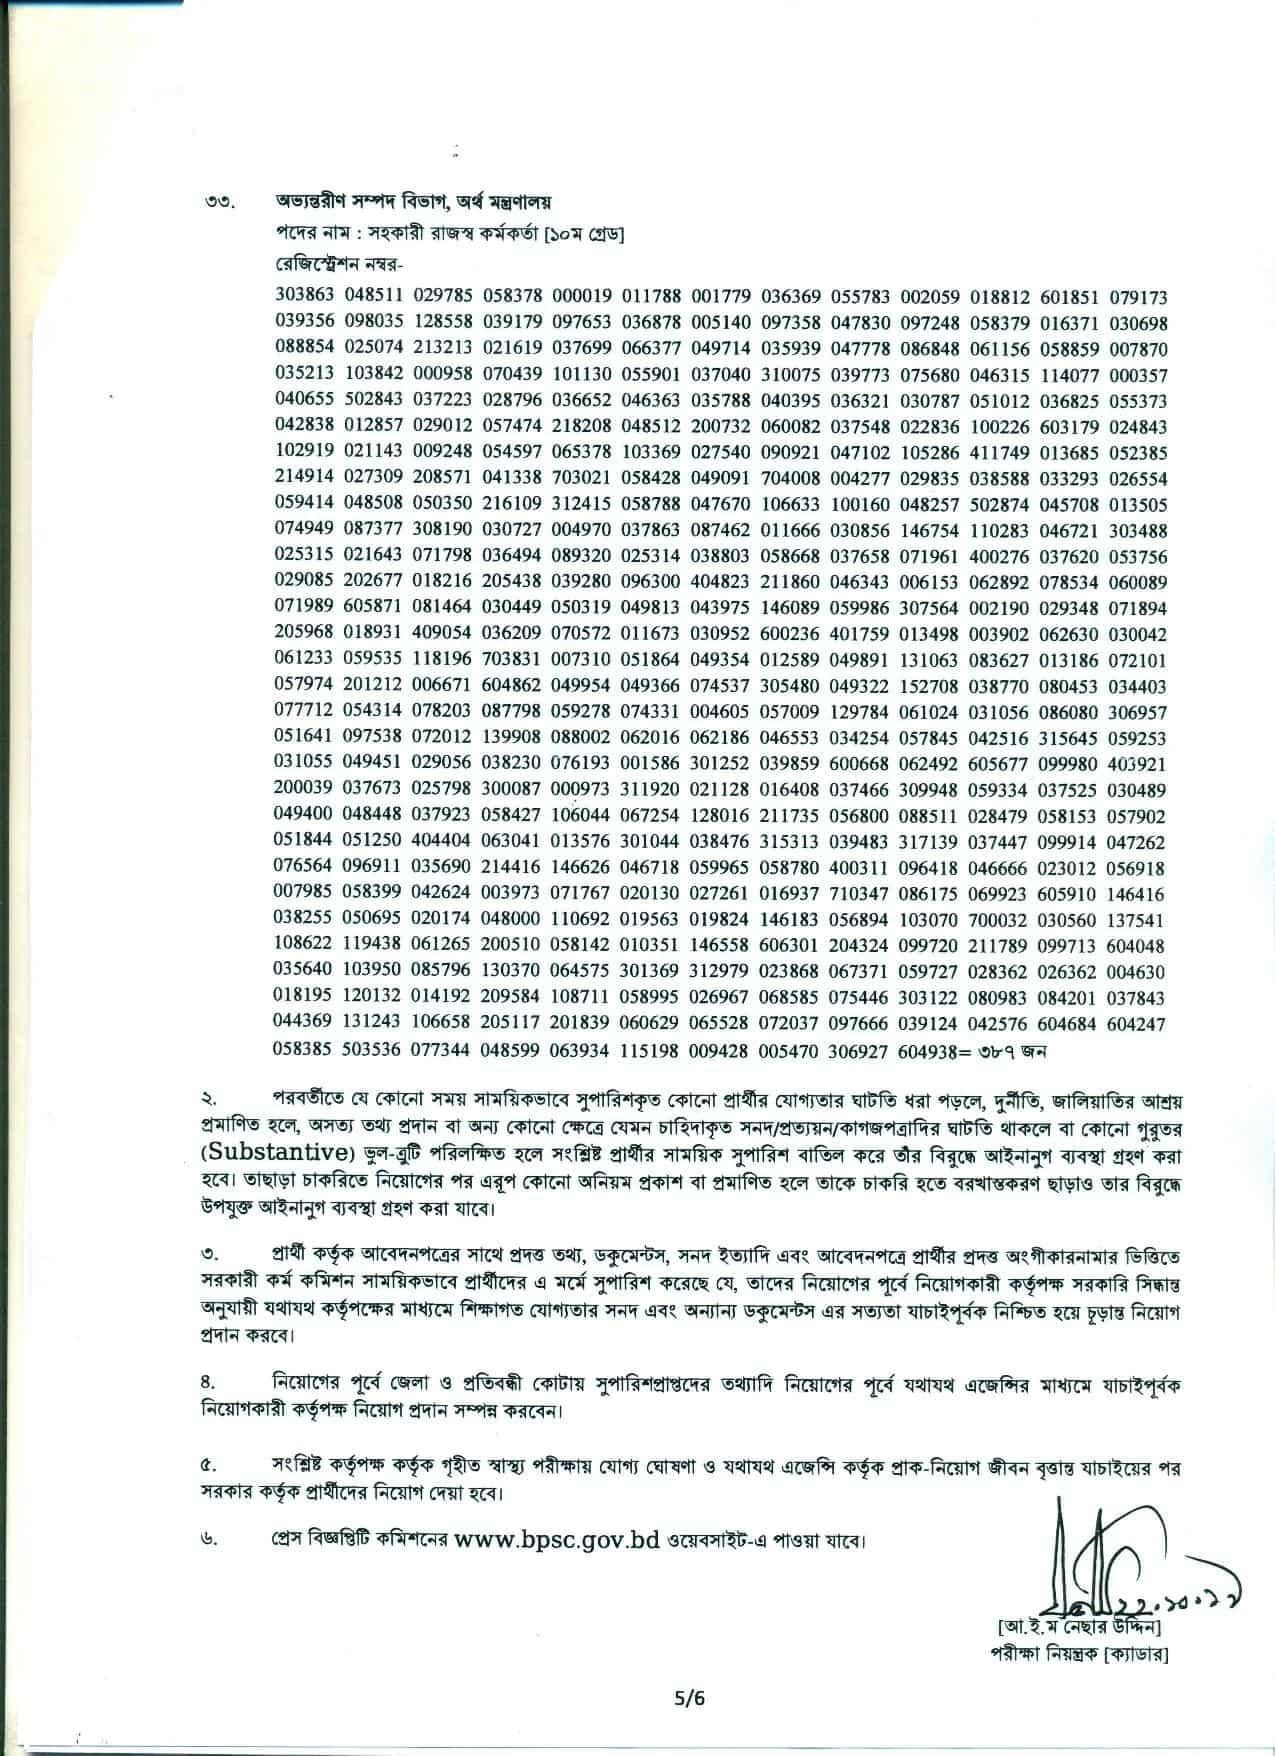 ৩৭ তম বিসিএস হতে নন-ক্যাডার ২য় শ্রেণির পদে সুপারিশ